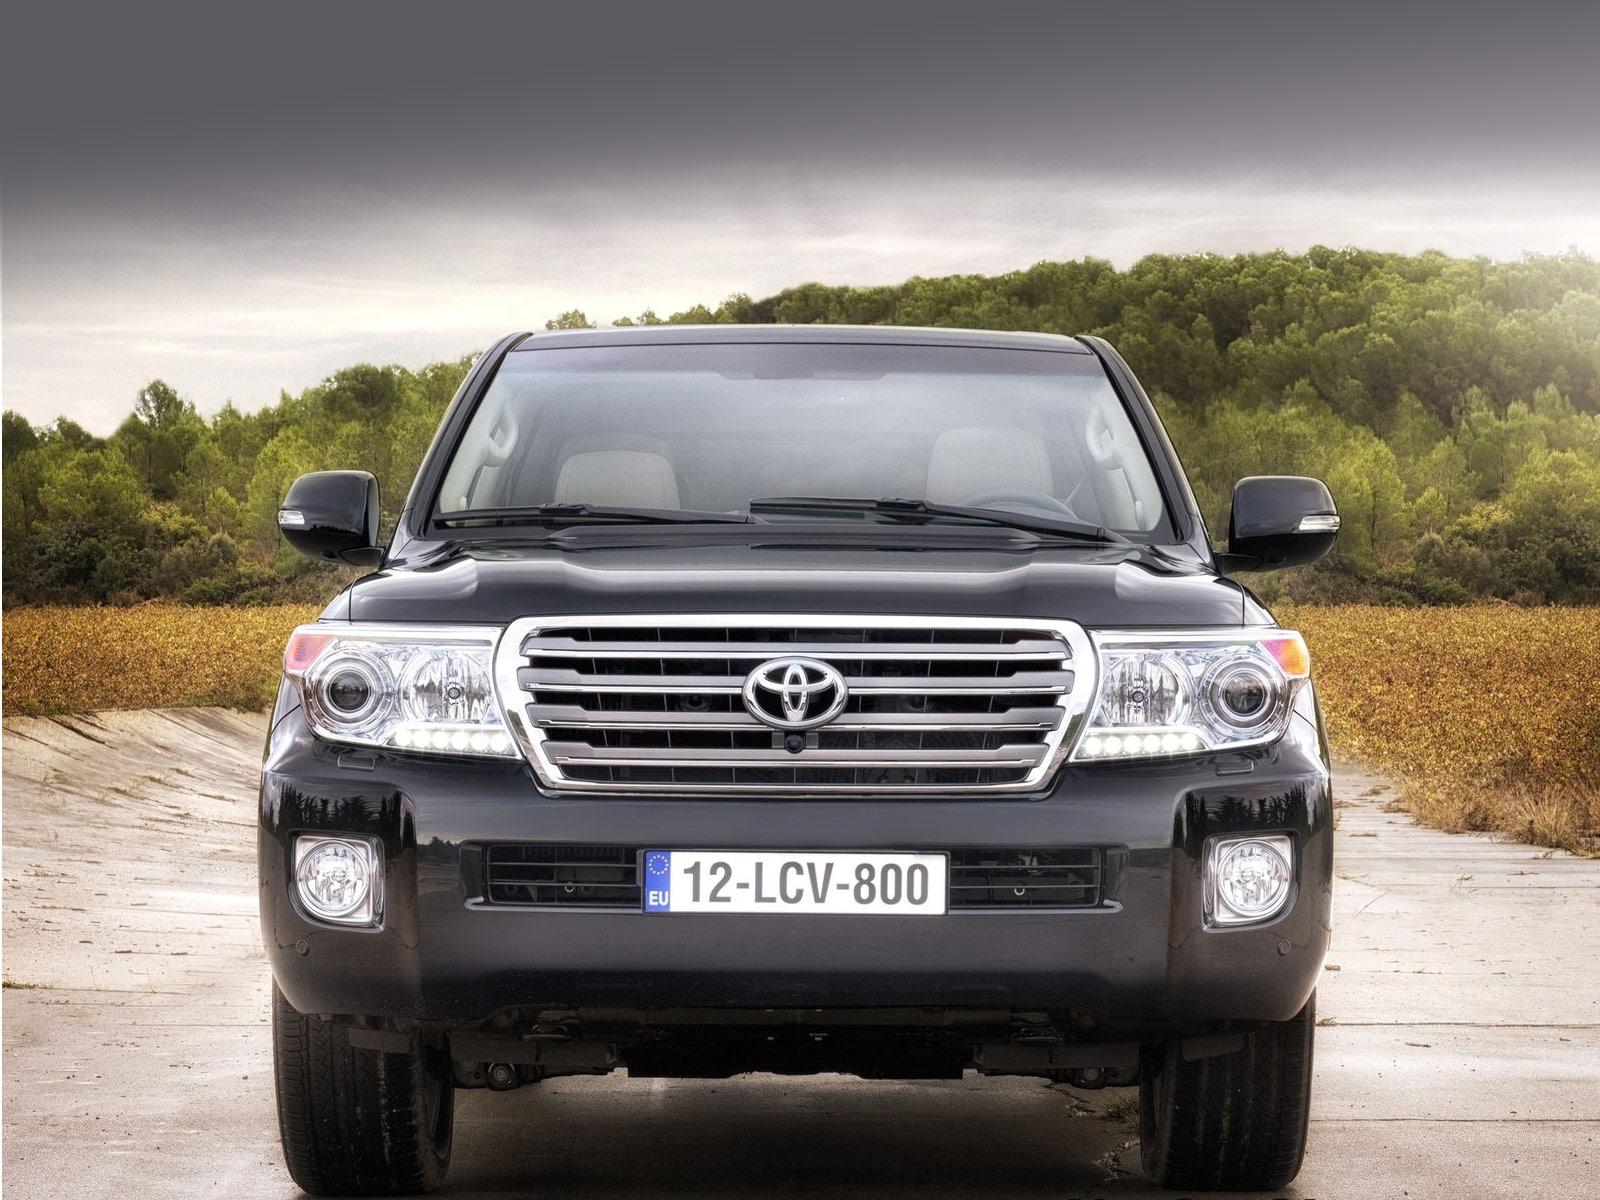 http://4.bp.blogspot.com/-OdHGSgvV9RM/T8CYG4OegeI/AAAAAAAACOg/mVOsyxiWDrg/s1600/2013_Toyota-Land-Cruiser-car-pictures-collection_6.jpg